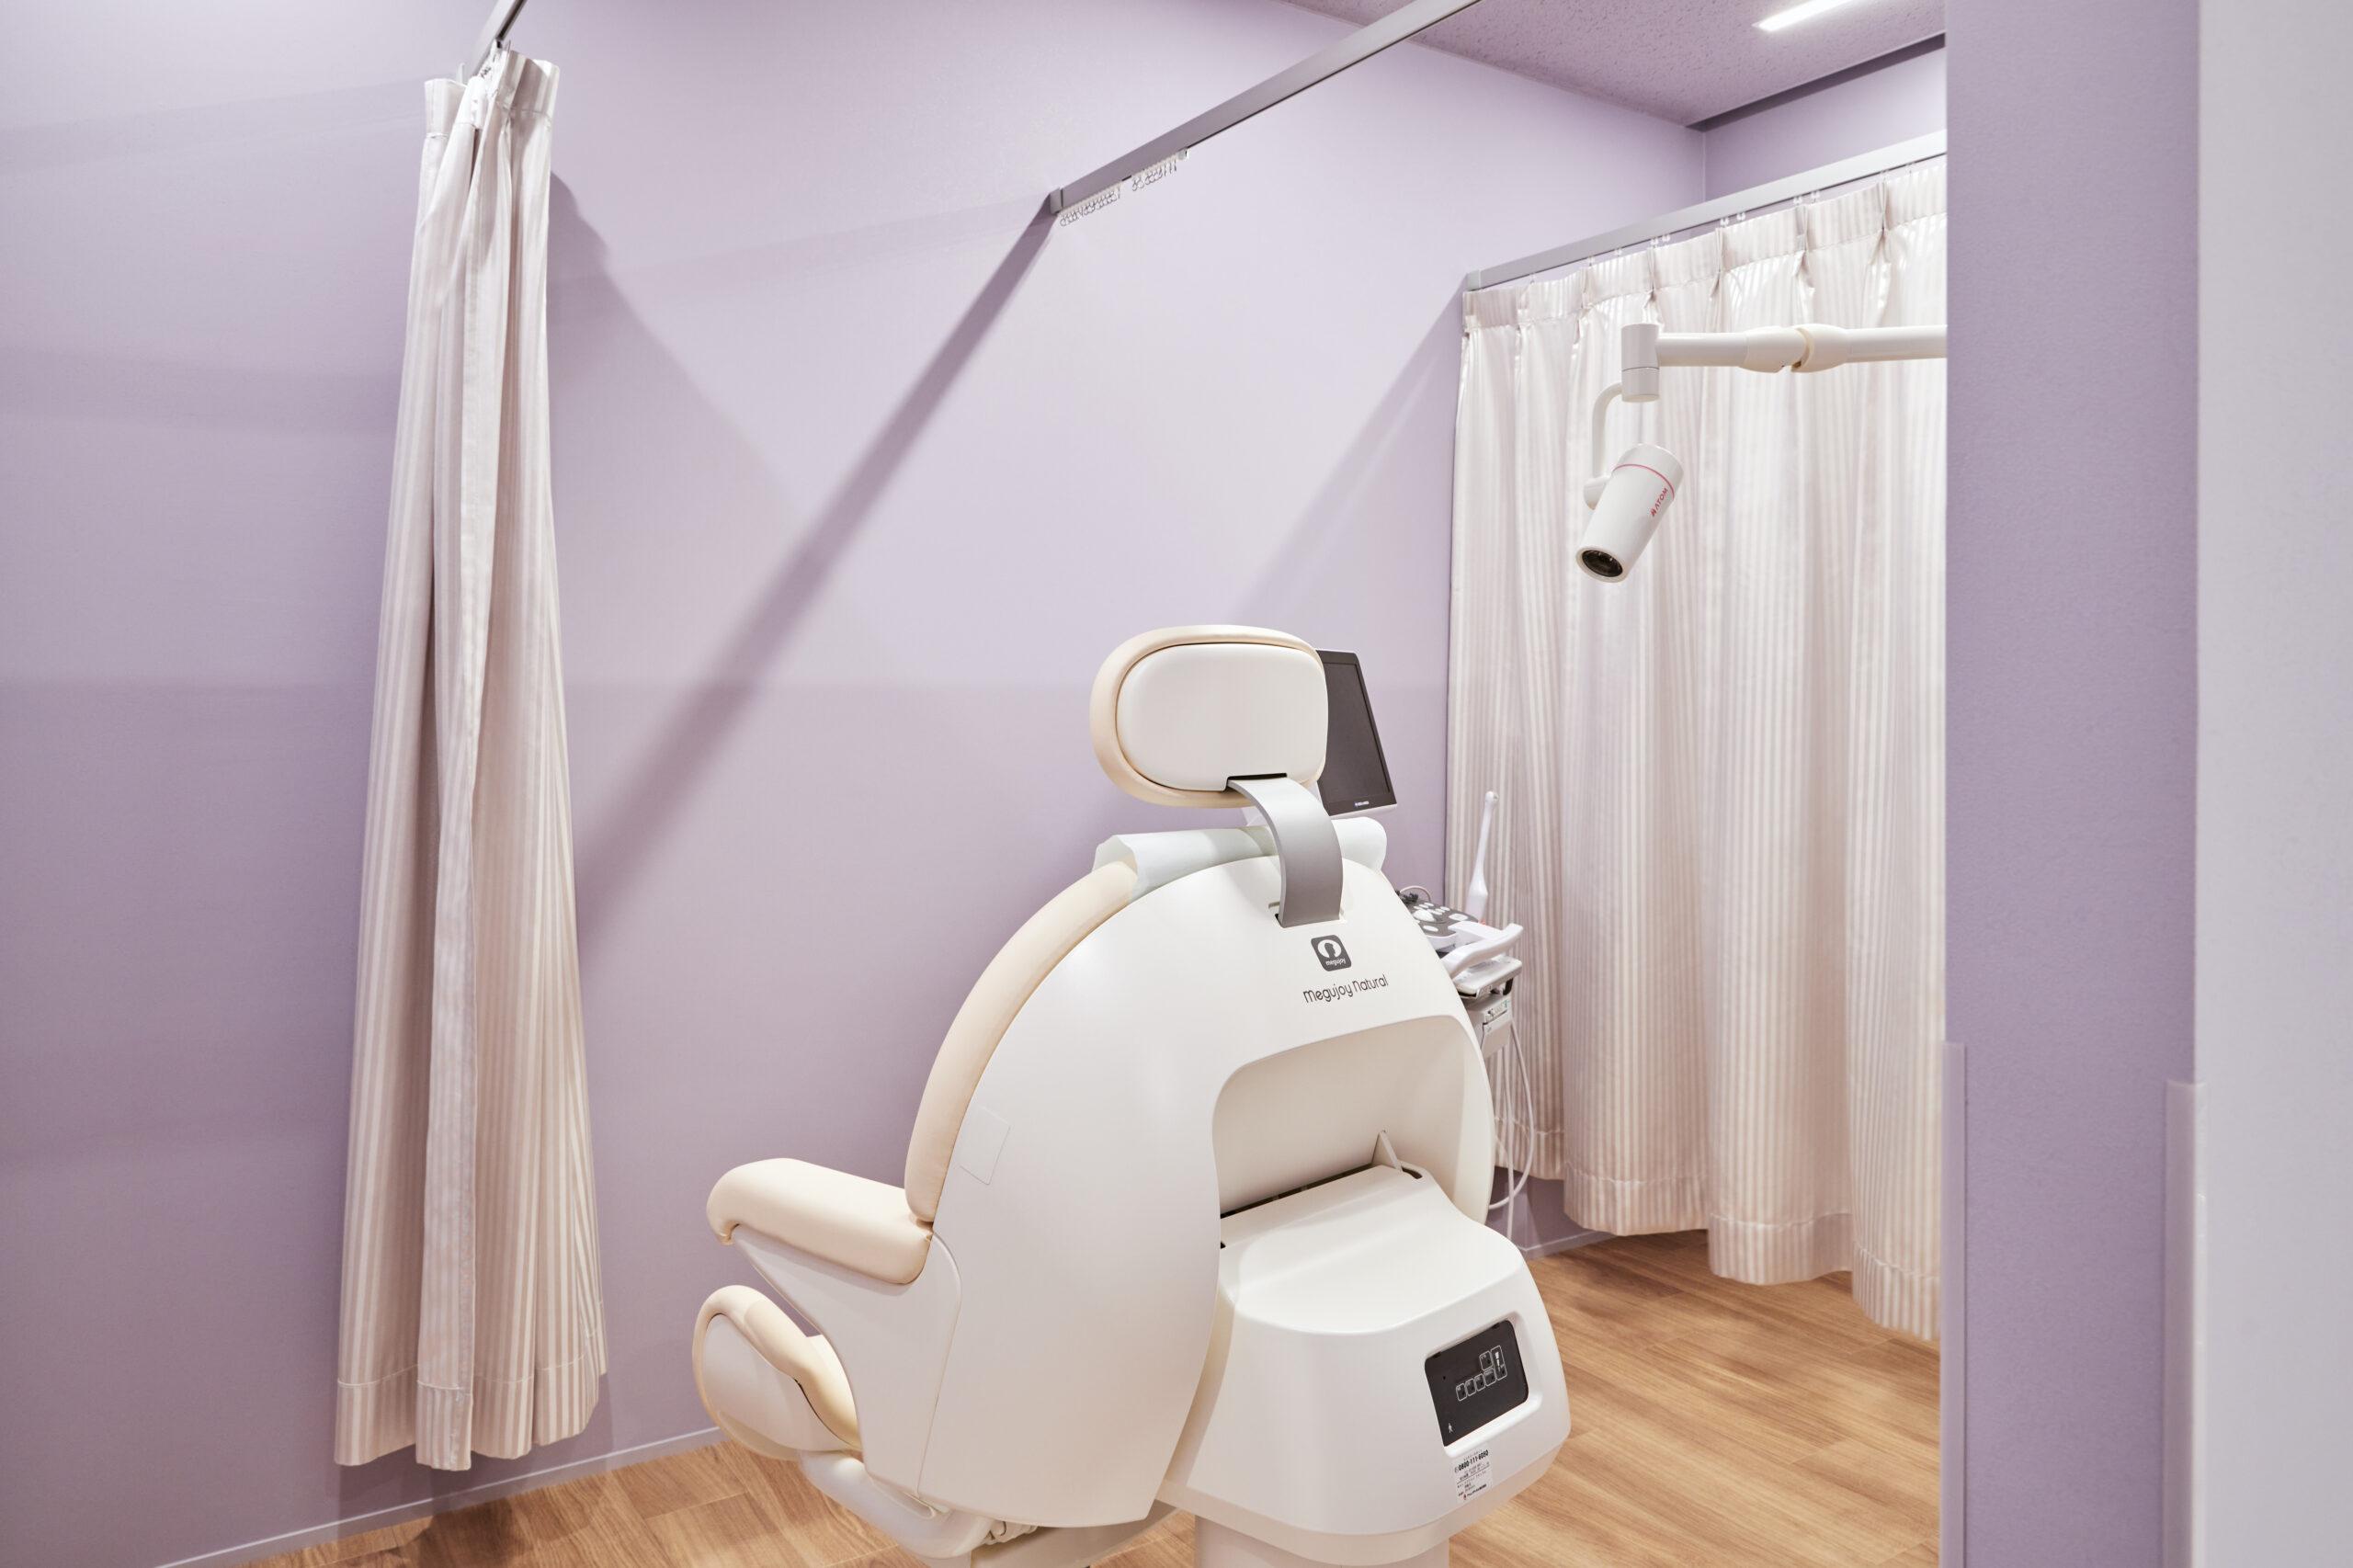 婦人科の検査の役割について(内診・子宮頸部細胞診・経腟超音波)